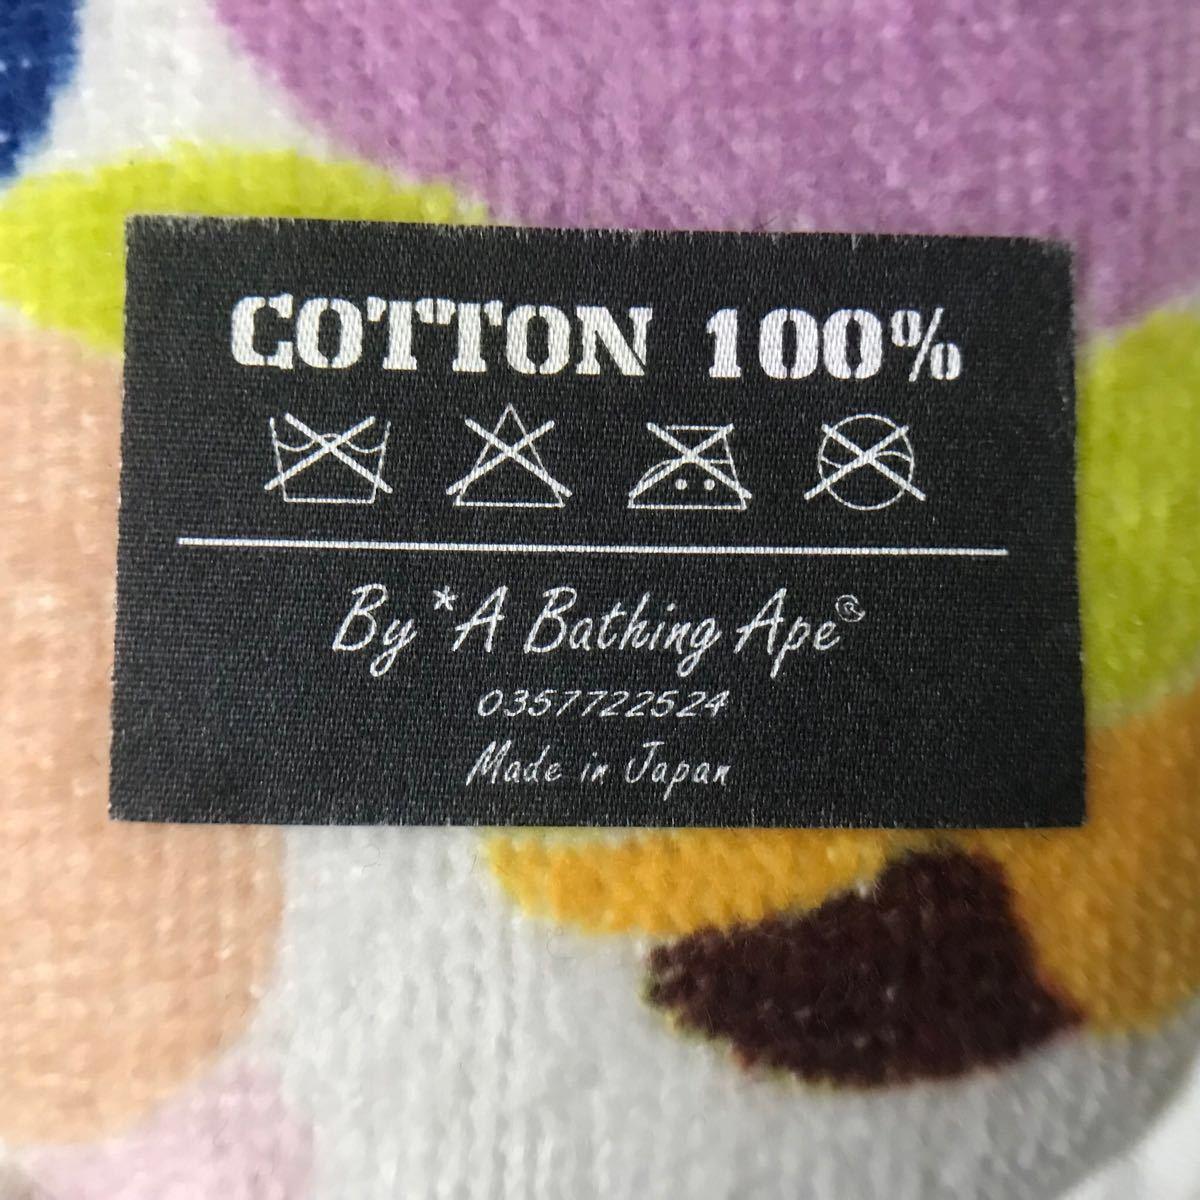 ★新品★ 初期 マルチカモ スリッパ a bathing ape BAPE multi camo Slippers vintage candy エイプ ベイプ アベイシングエイプ nigo A